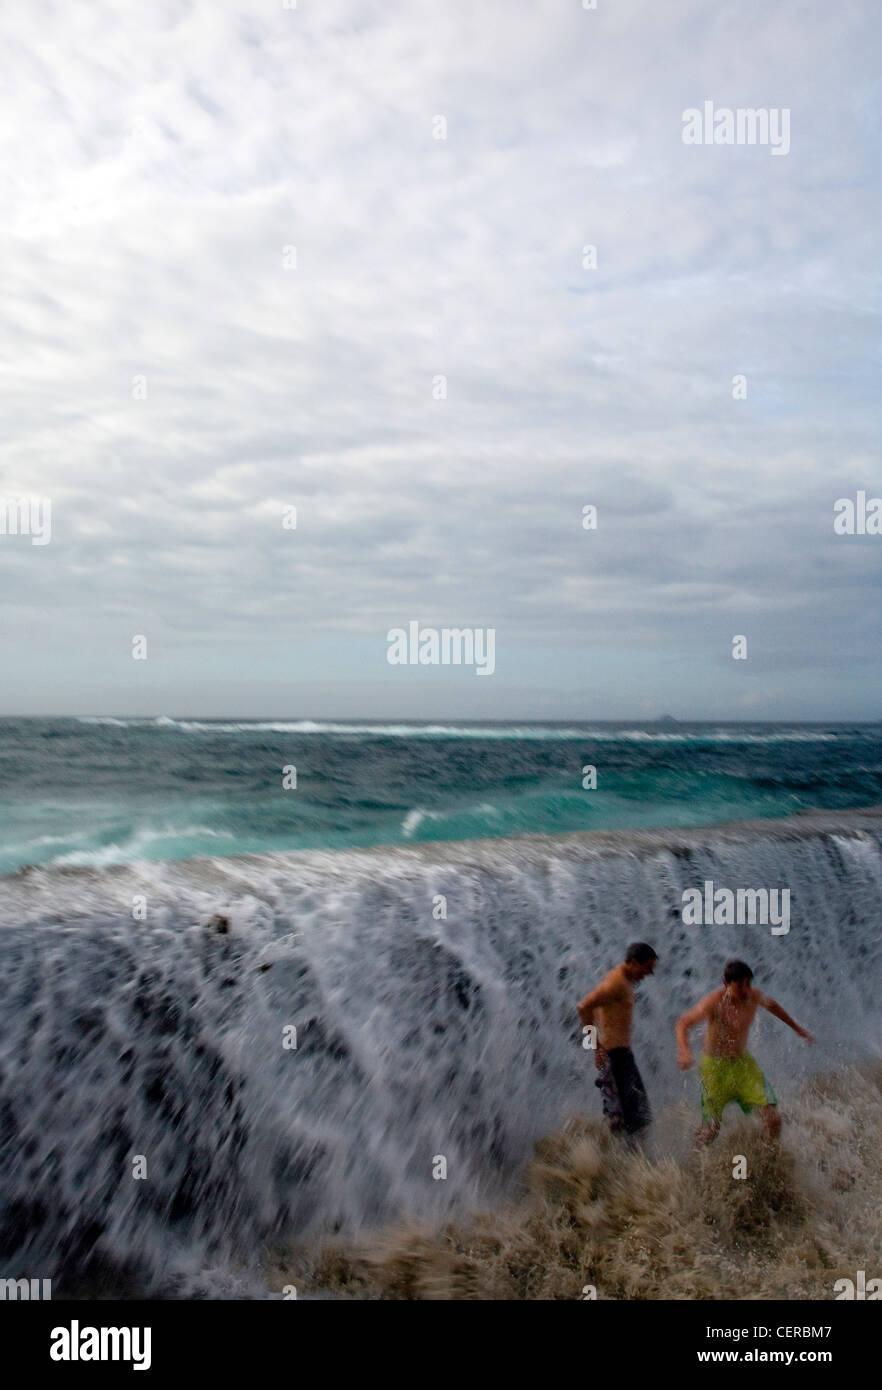 Olas rompiendo en el malecón de una tormenta, empape dos visitantes, quienes están en peligro de tener Imagen De Stock